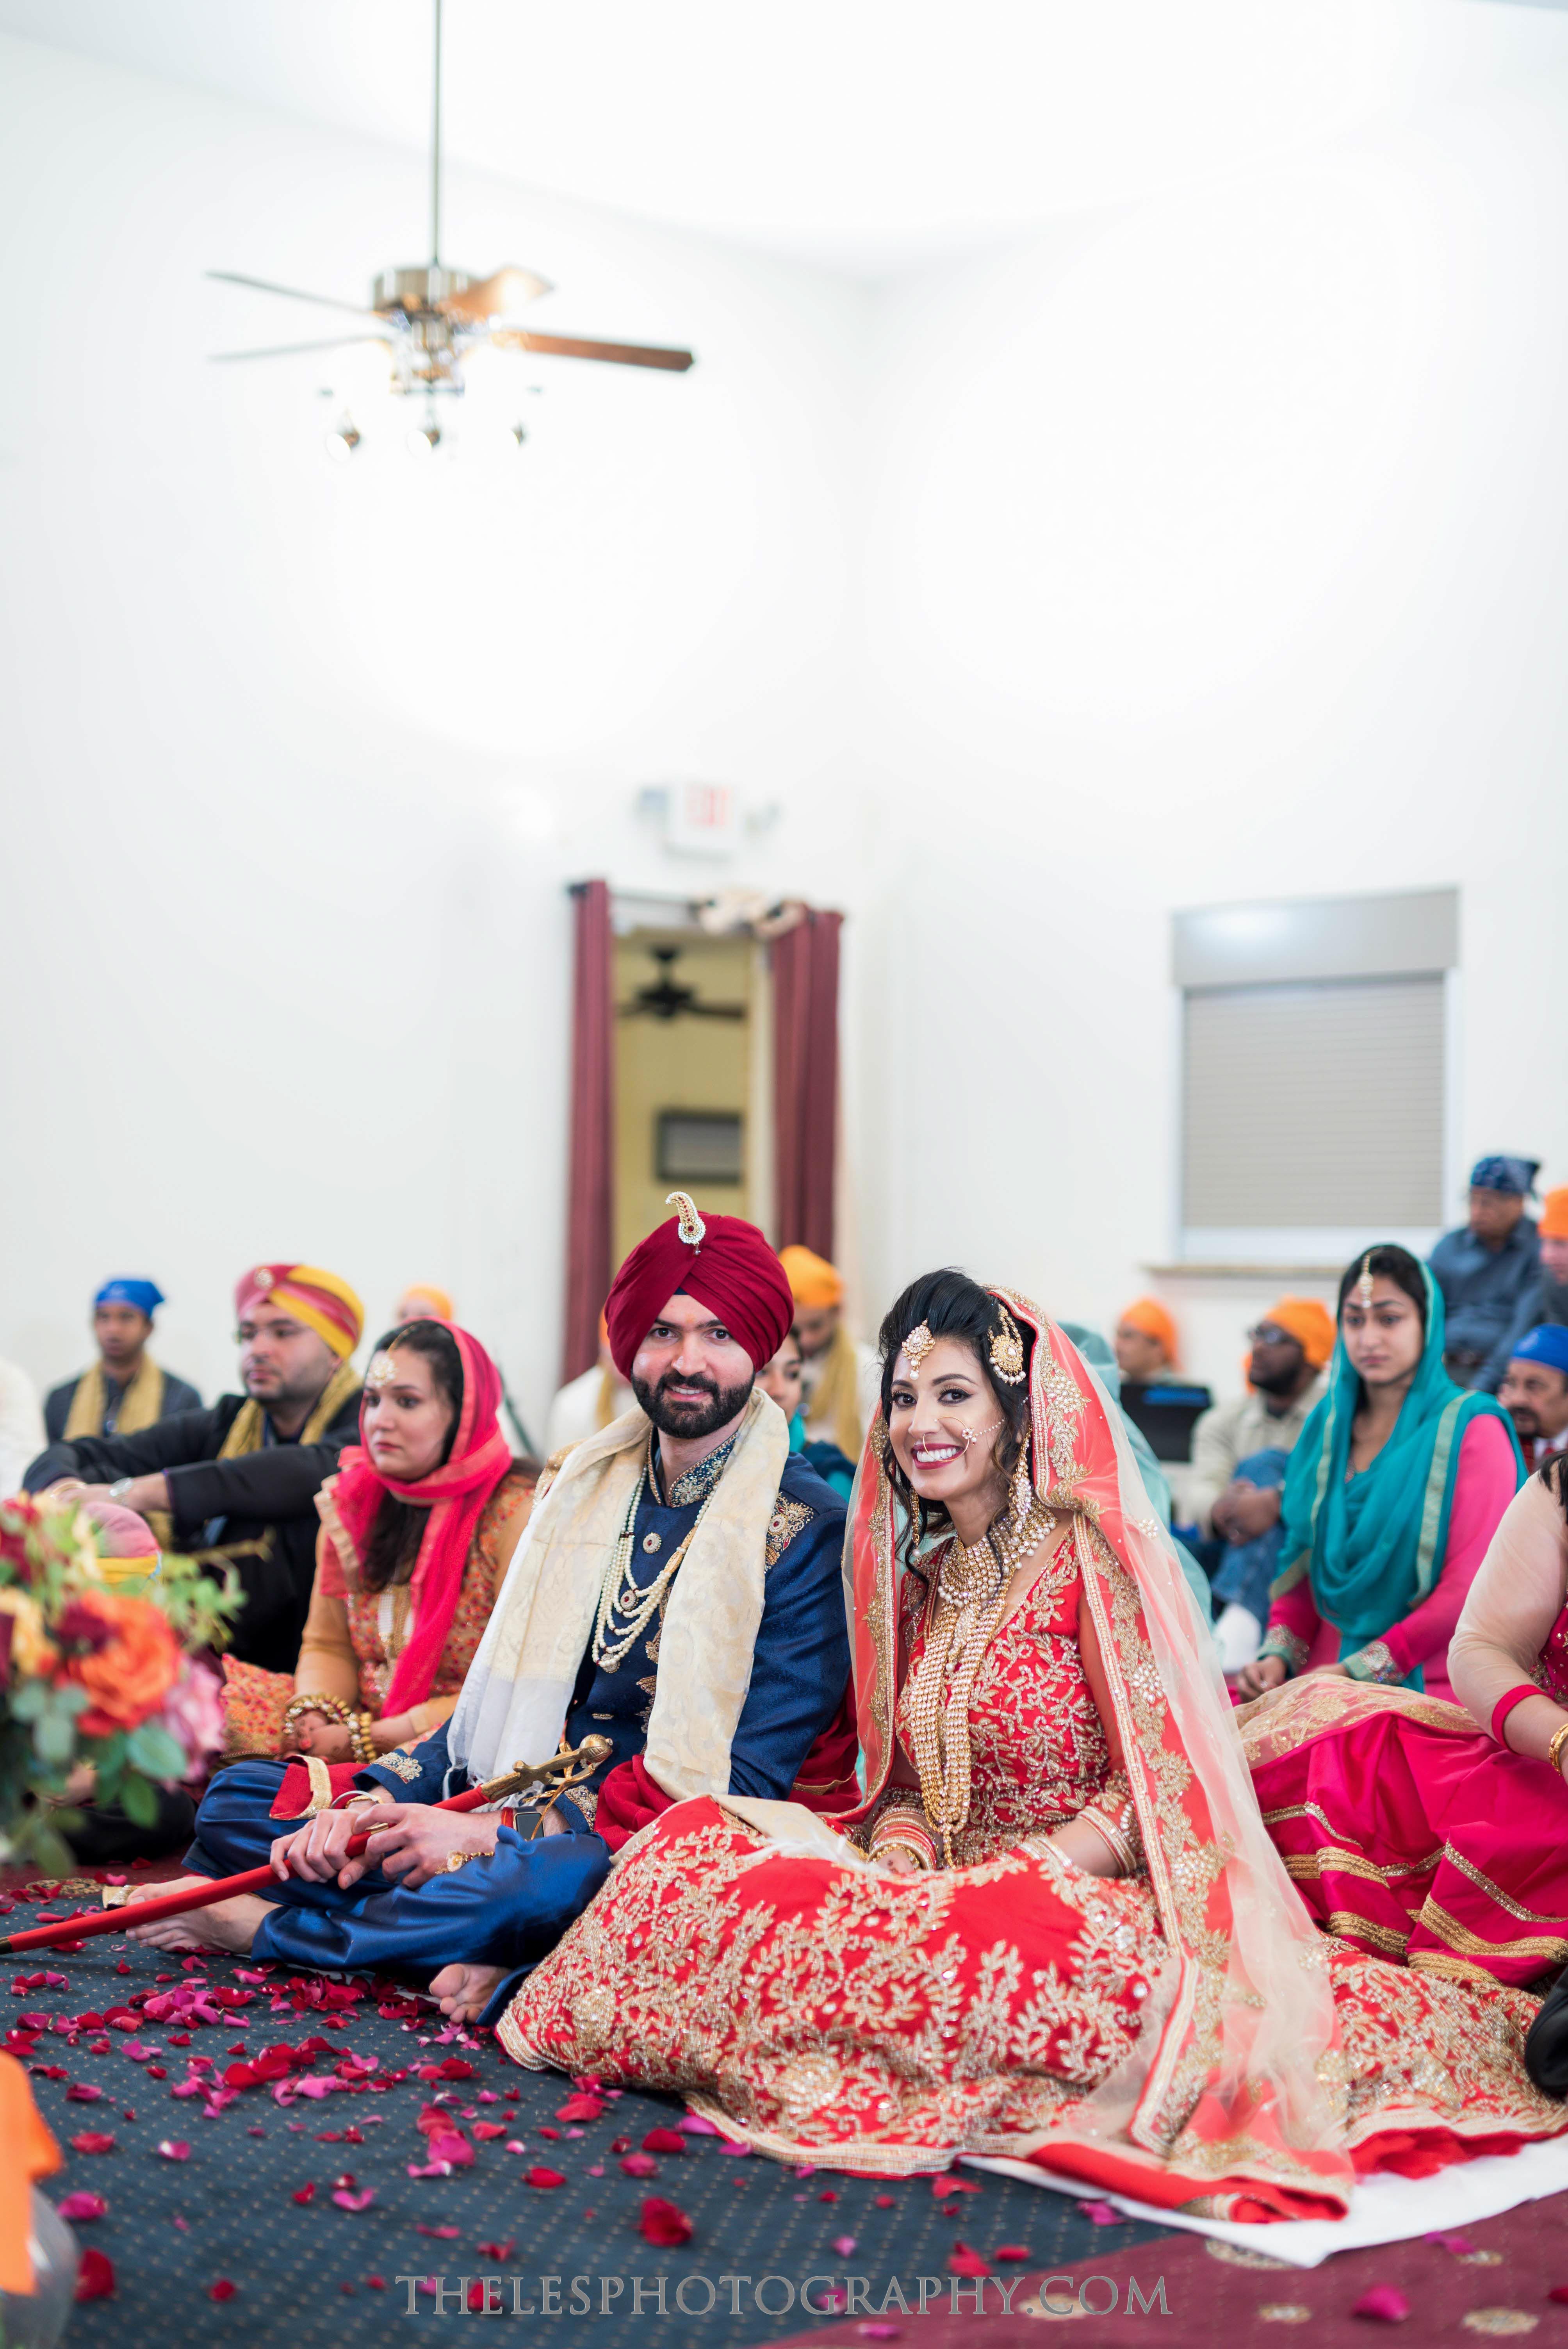 The Les Photography - Punjabi Wedding - Sikh Indian Wedding - Dallas Wedding Photographer 36